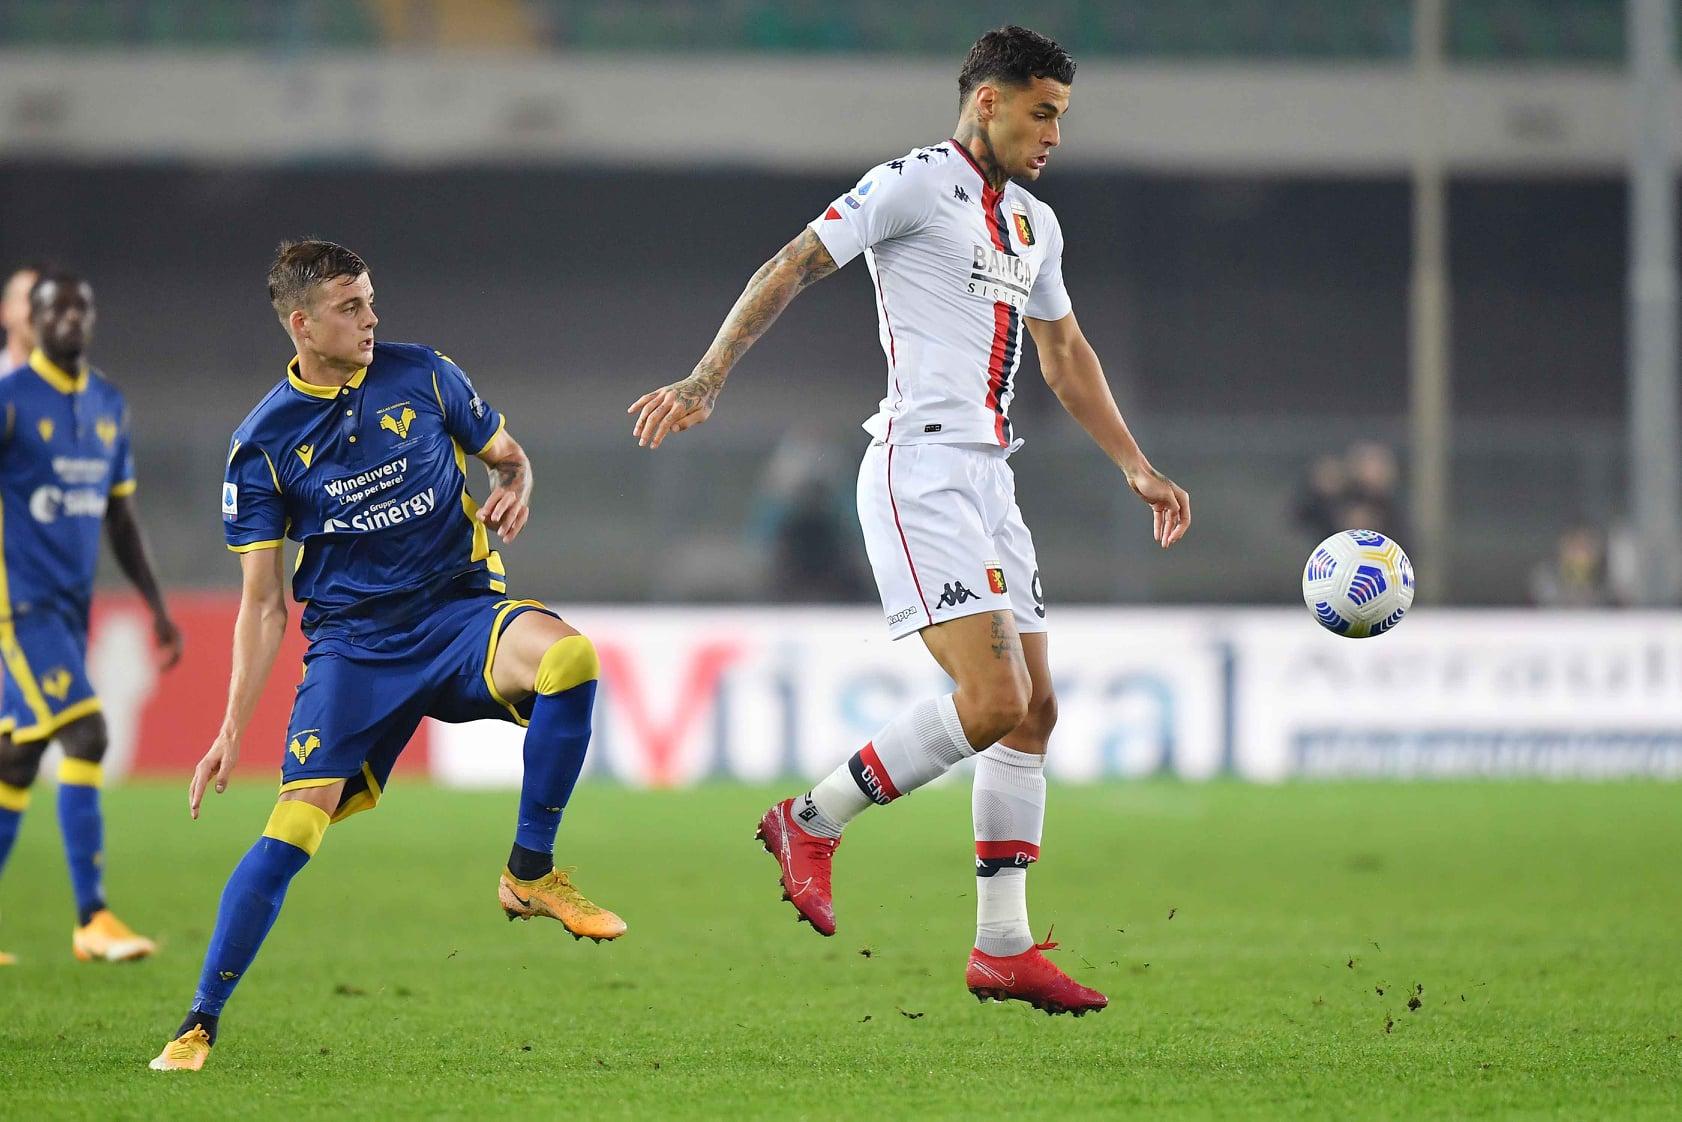 Coppa Italia: Genova-Catanzaro 2-1, Aquile in partita fino alla fine